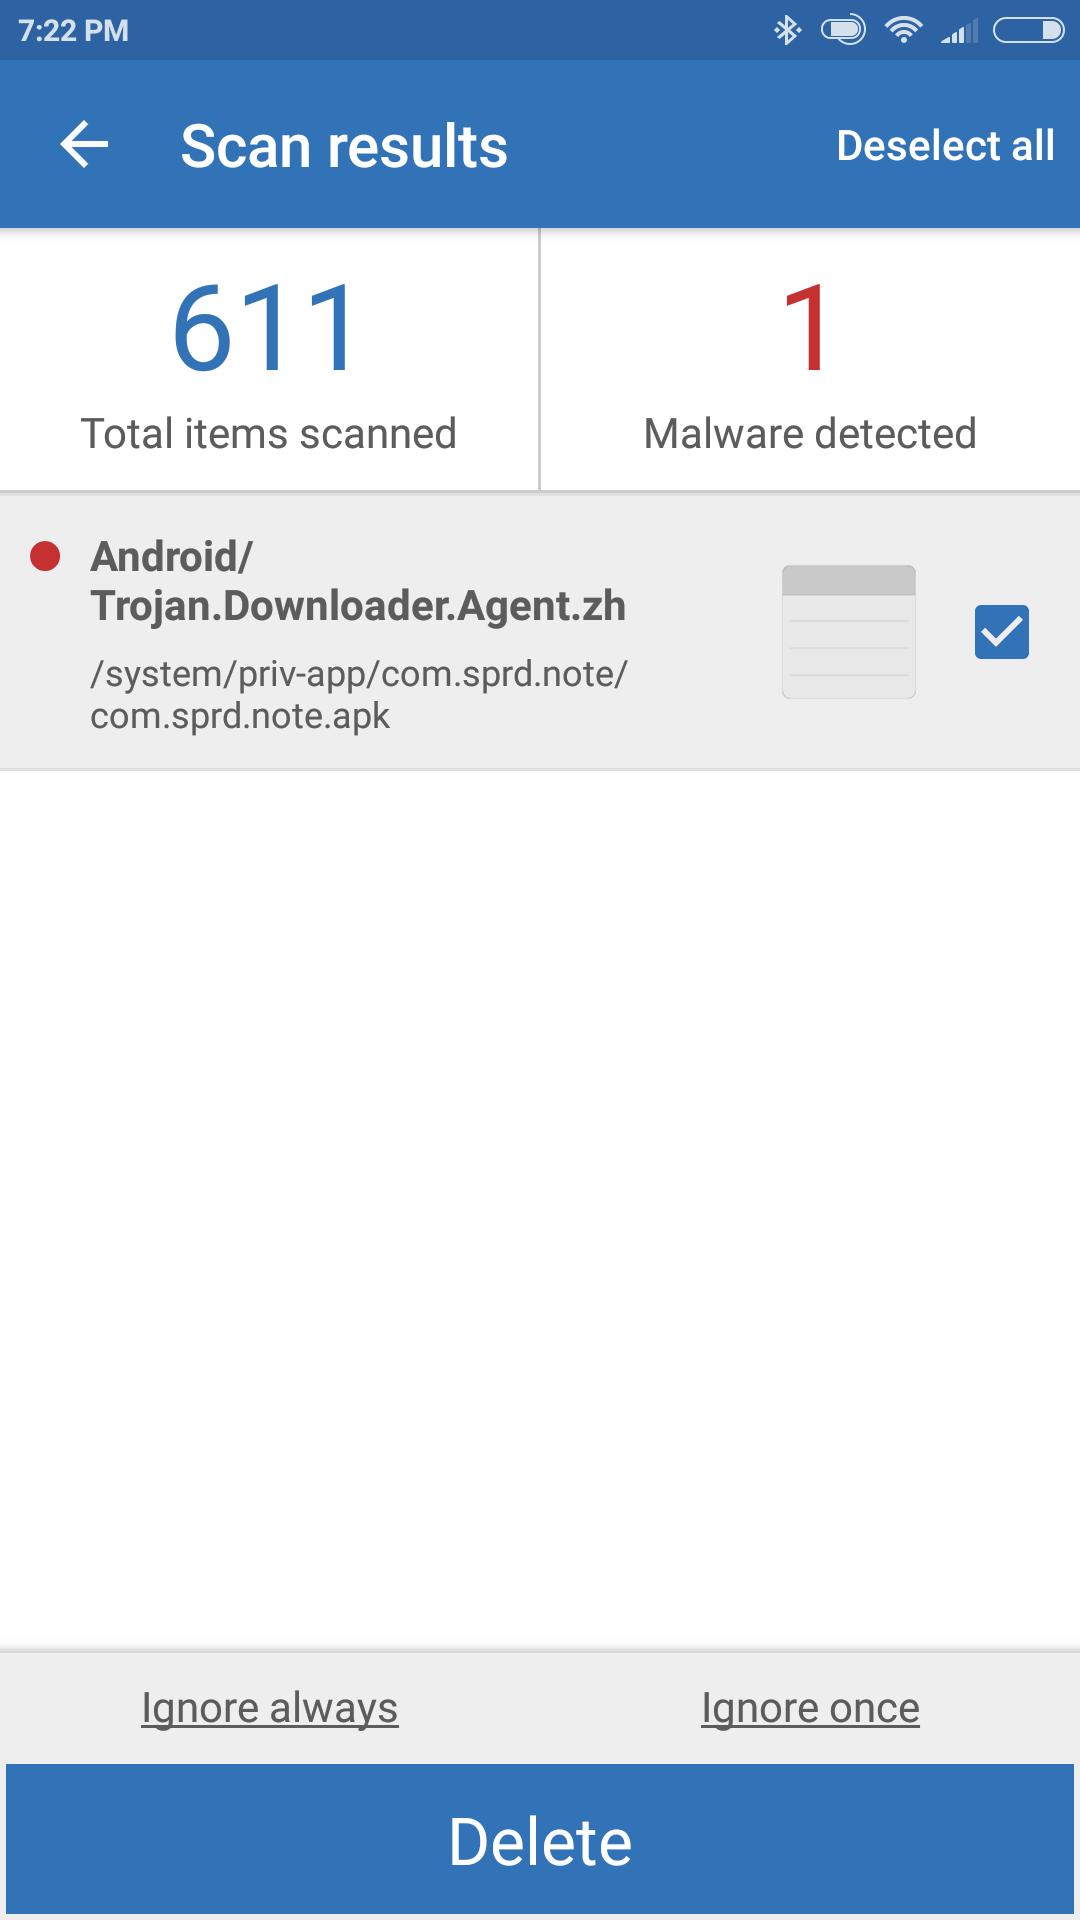 Xiaomi redmi Pro Note apk - Mobile Malware Removal Help